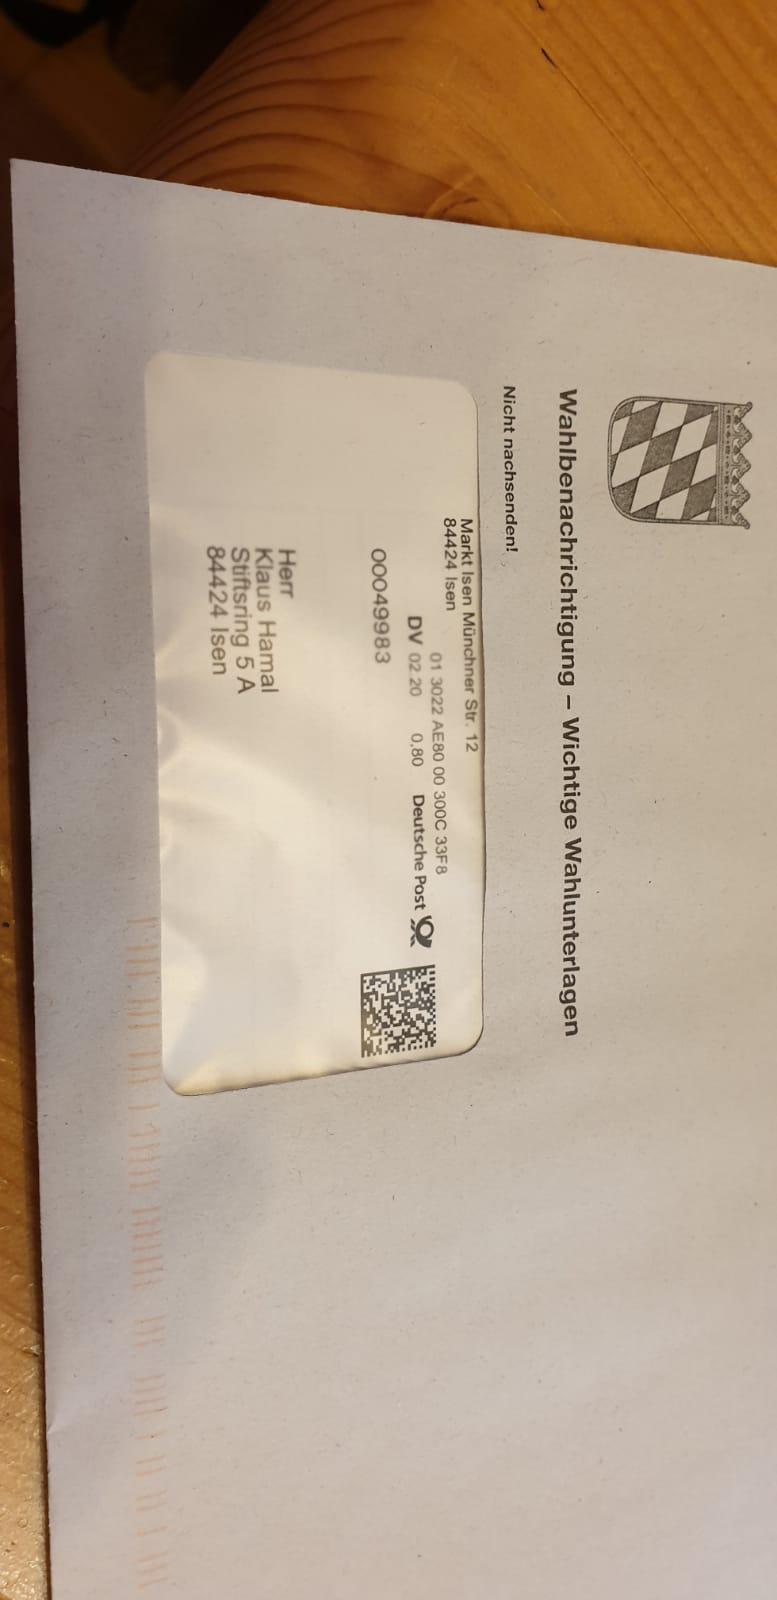 Einladungsbrief-Wahl